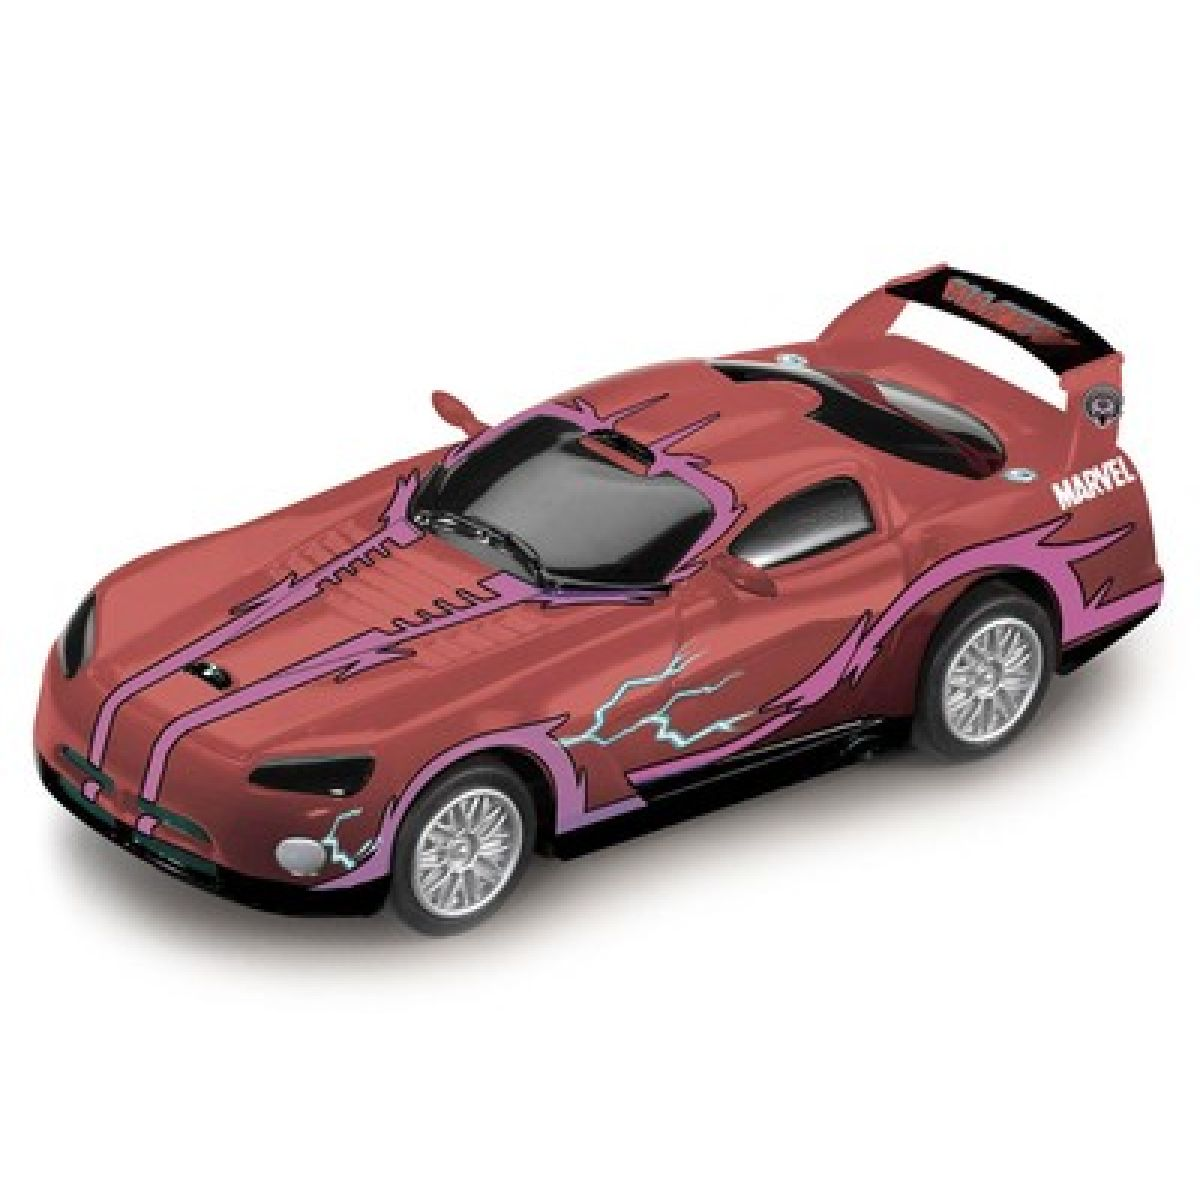 Carrera Dodge Viper GTS-R Magneto